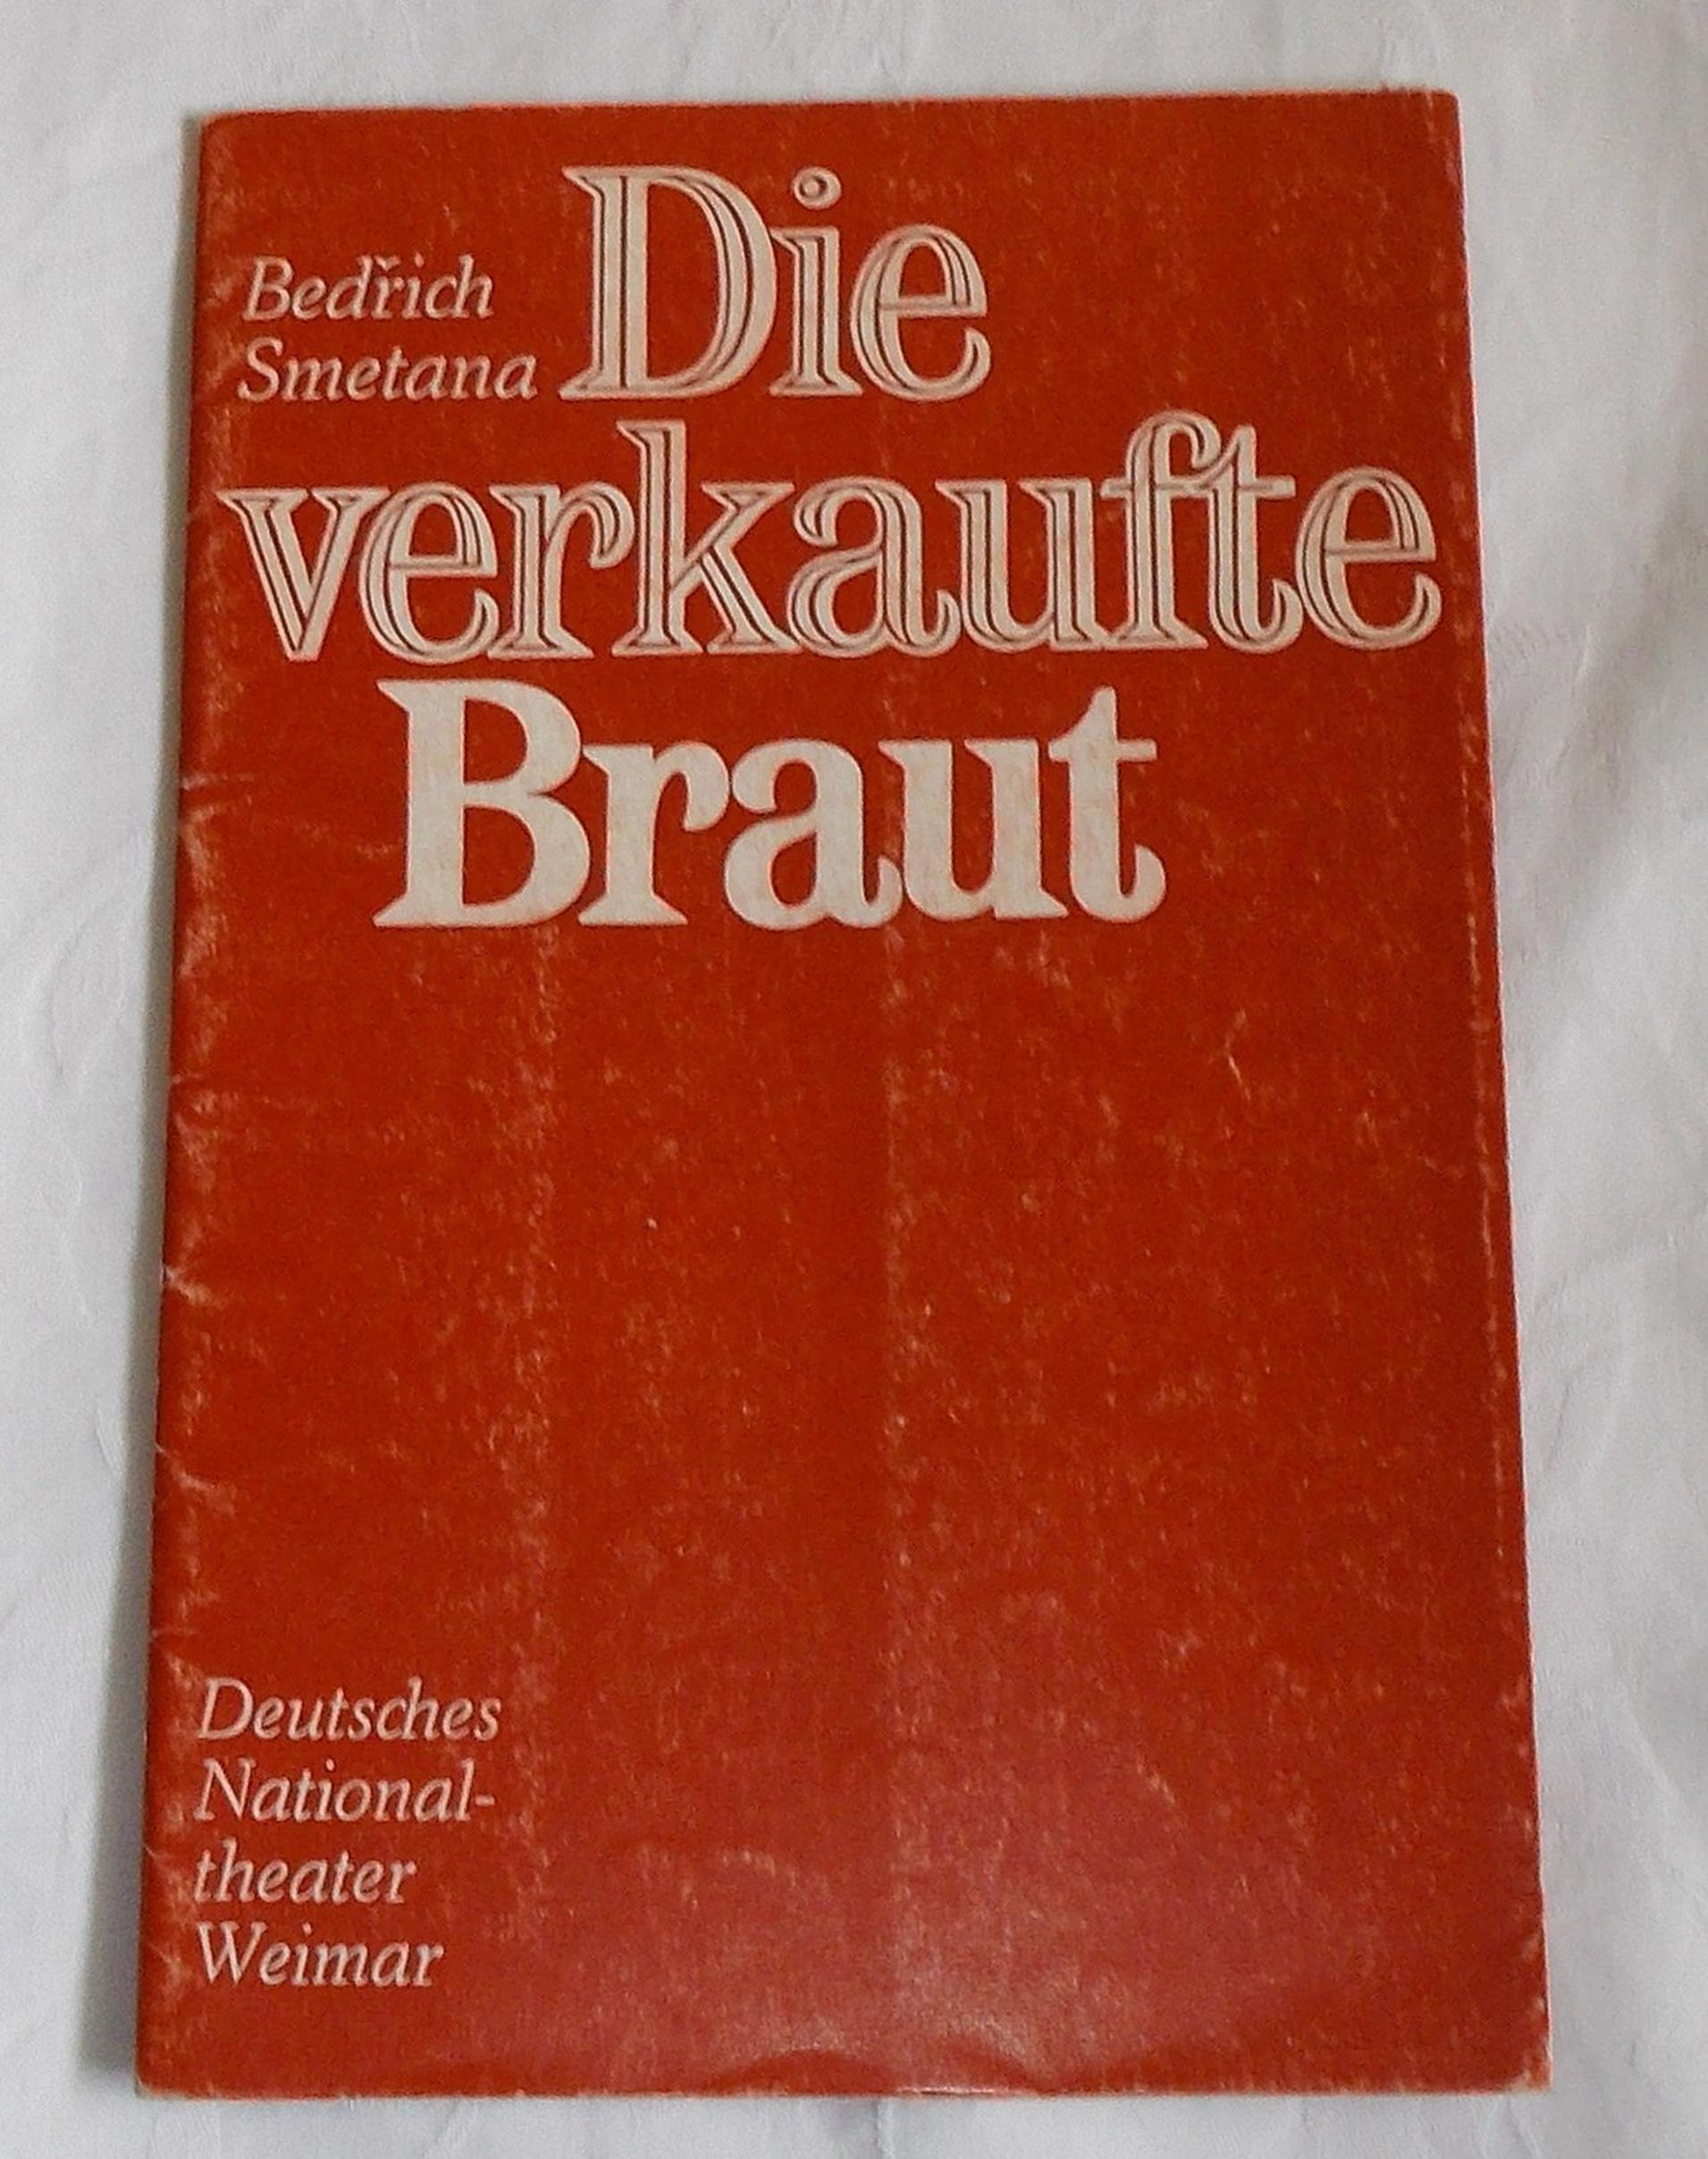 Programmheft Die verkaufte Braut. Deutsches Nationaltheater Weimar 1974